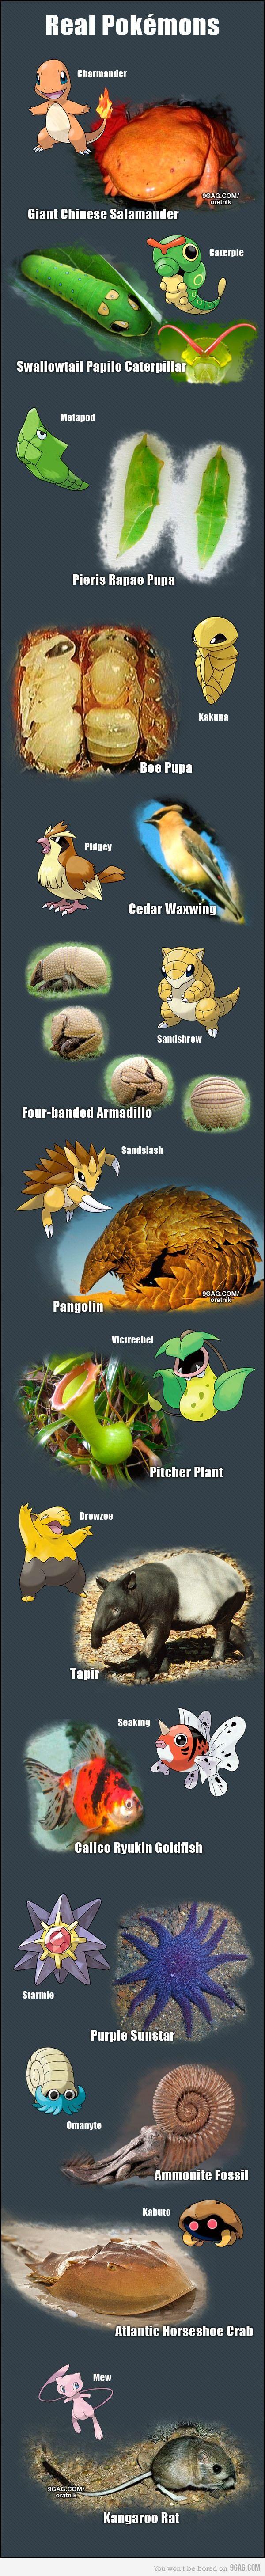 Pokemons baseados em fatos reais